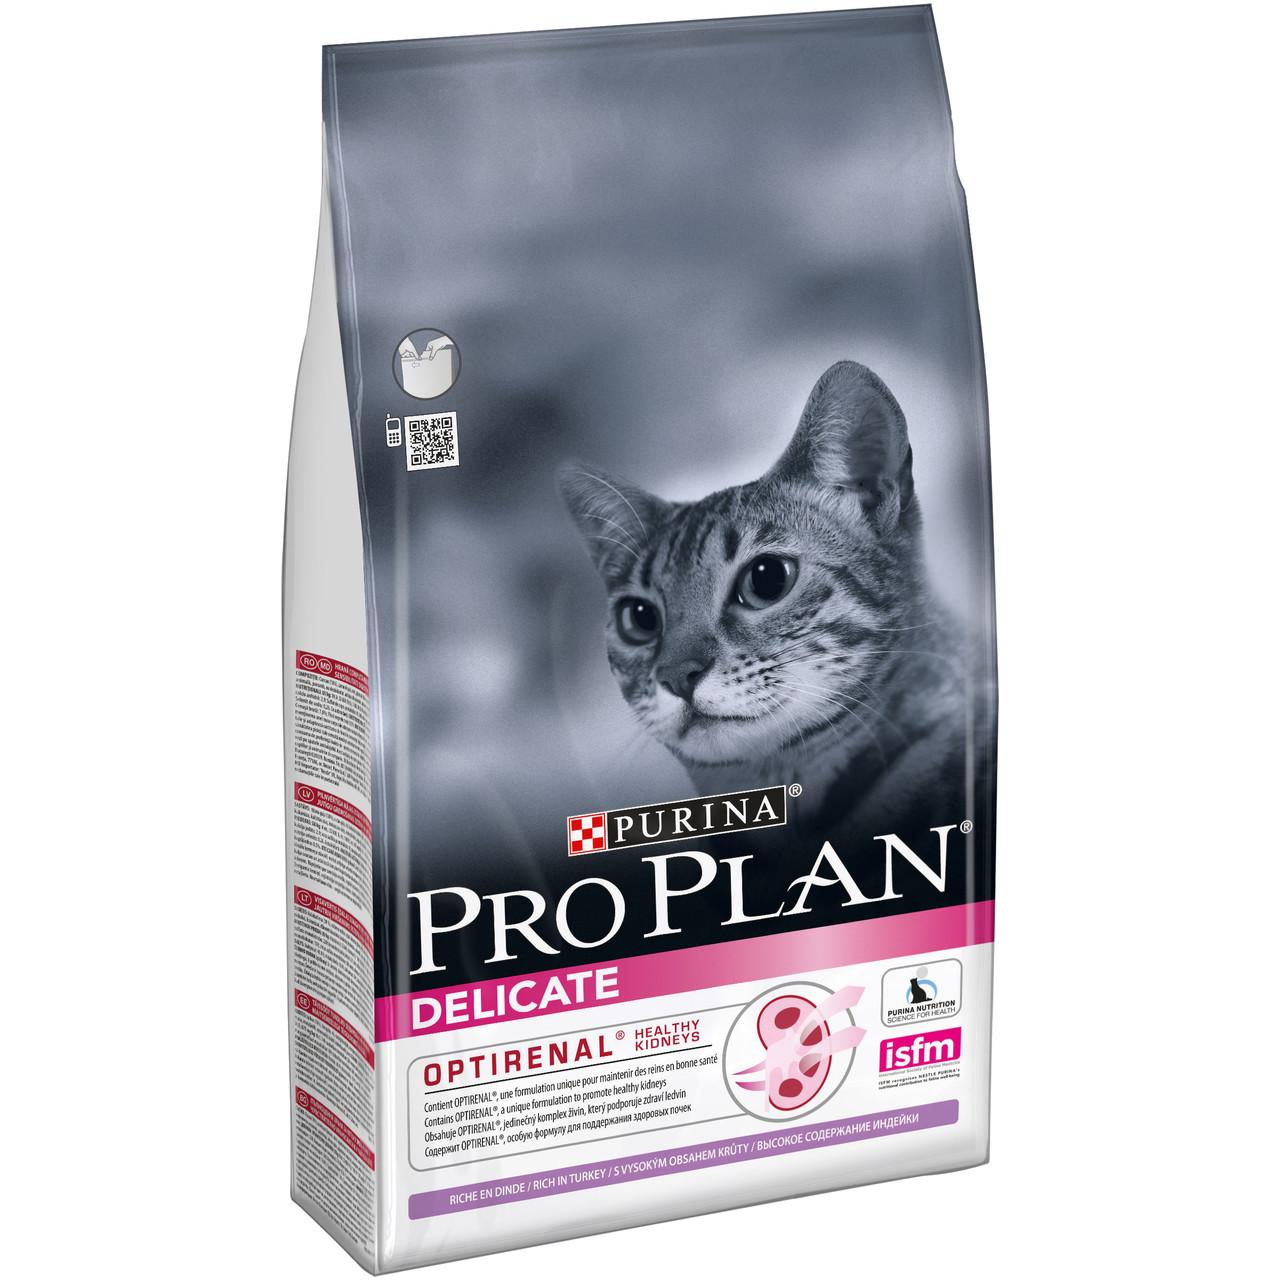 Purina Pro Plan Cat Delicate Lamb 1.5 кг - Сухой корм для кошек с чувствительным пищеварением с ягненком